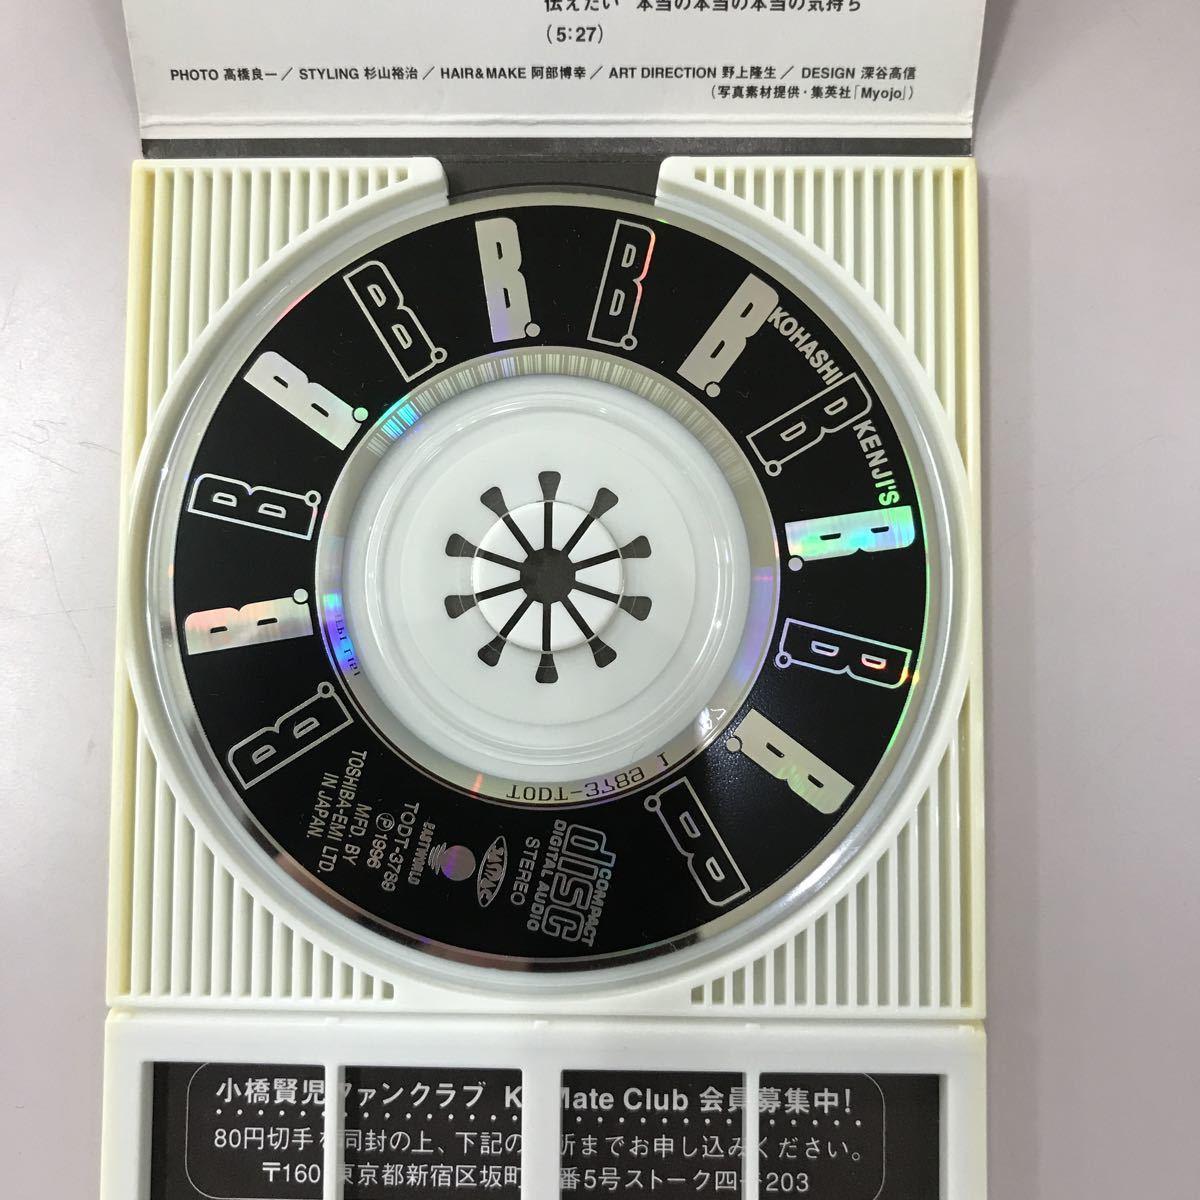 シングルCD 8センチ 中古【邦楽】長期保存品 小橋賢児 B.B.B.